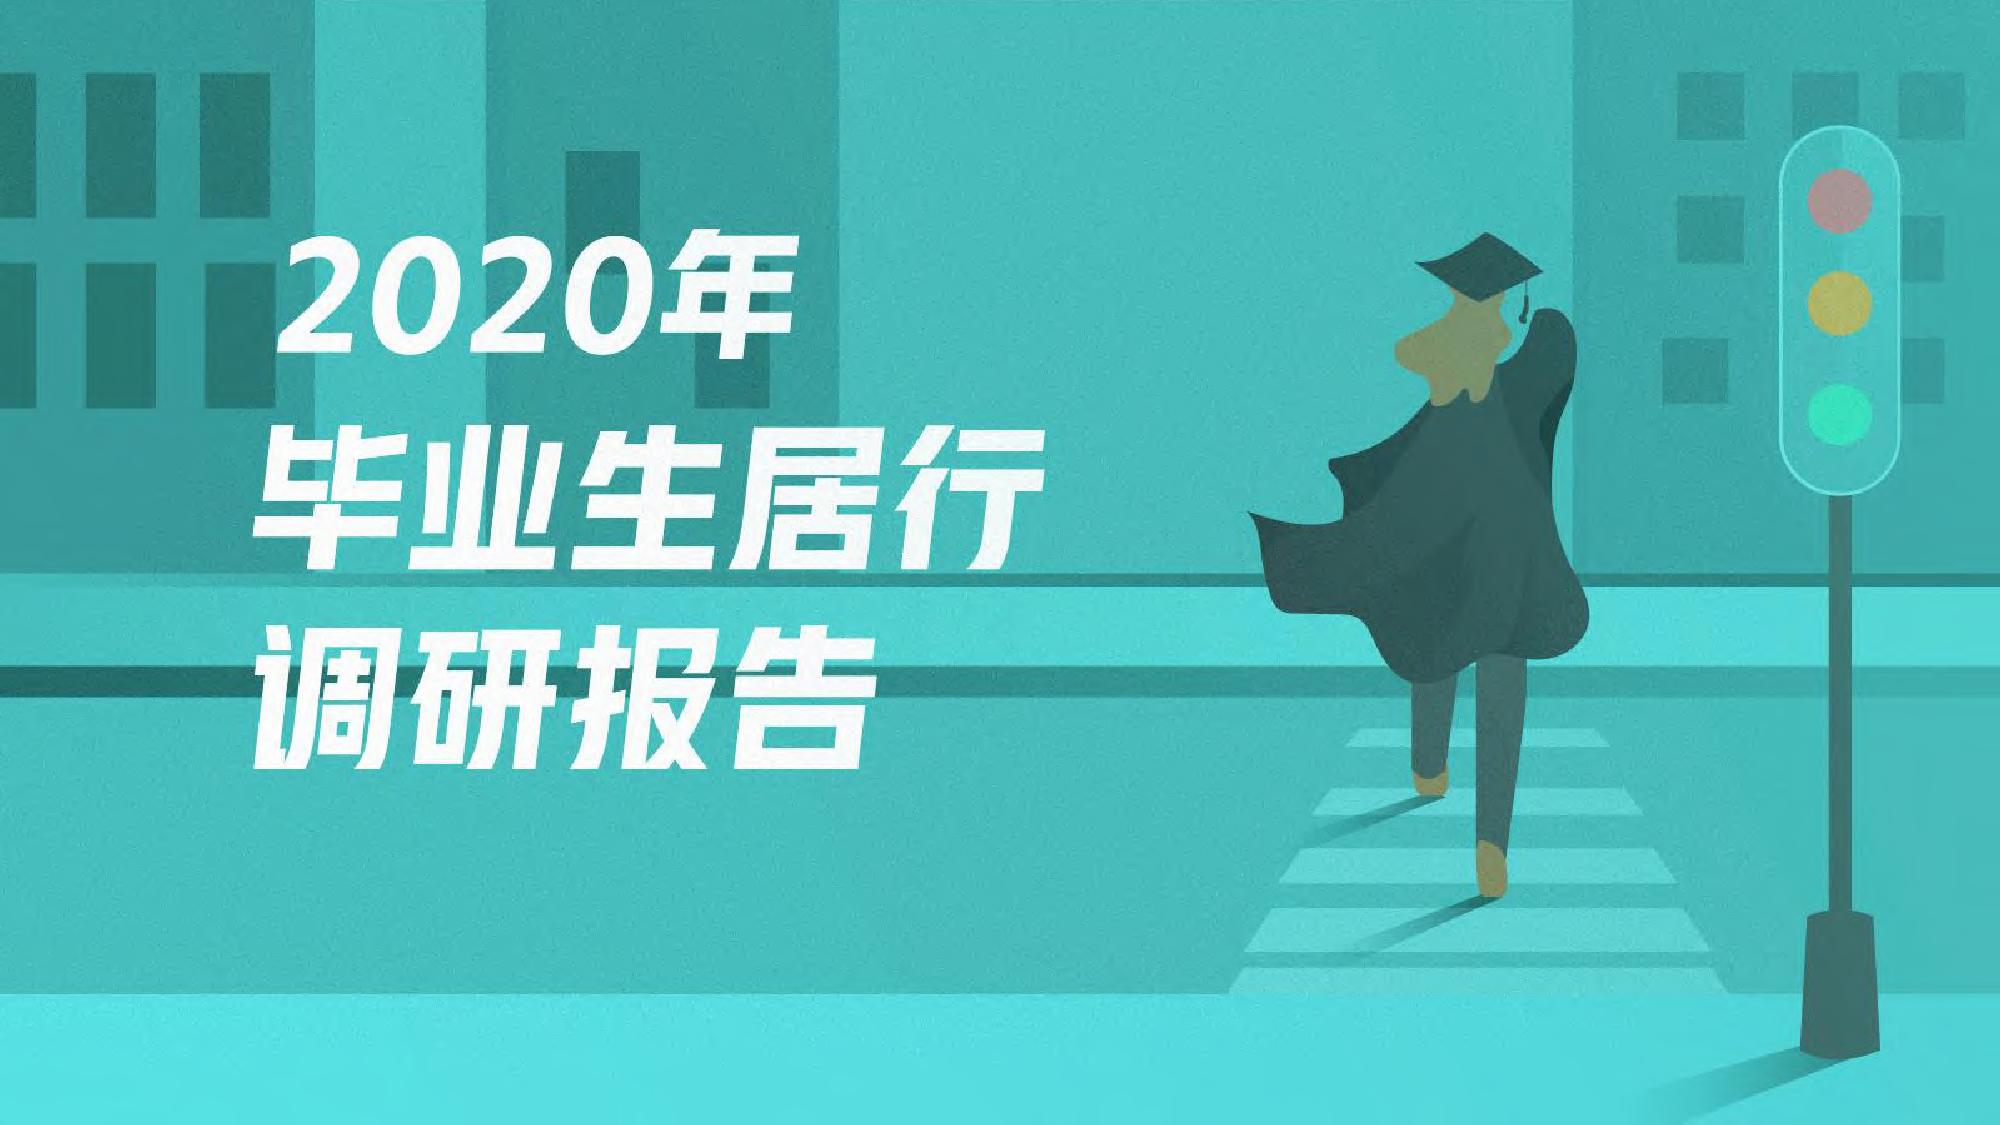 58安居客房产研究院:2020年毕业生调研报告(附下载)